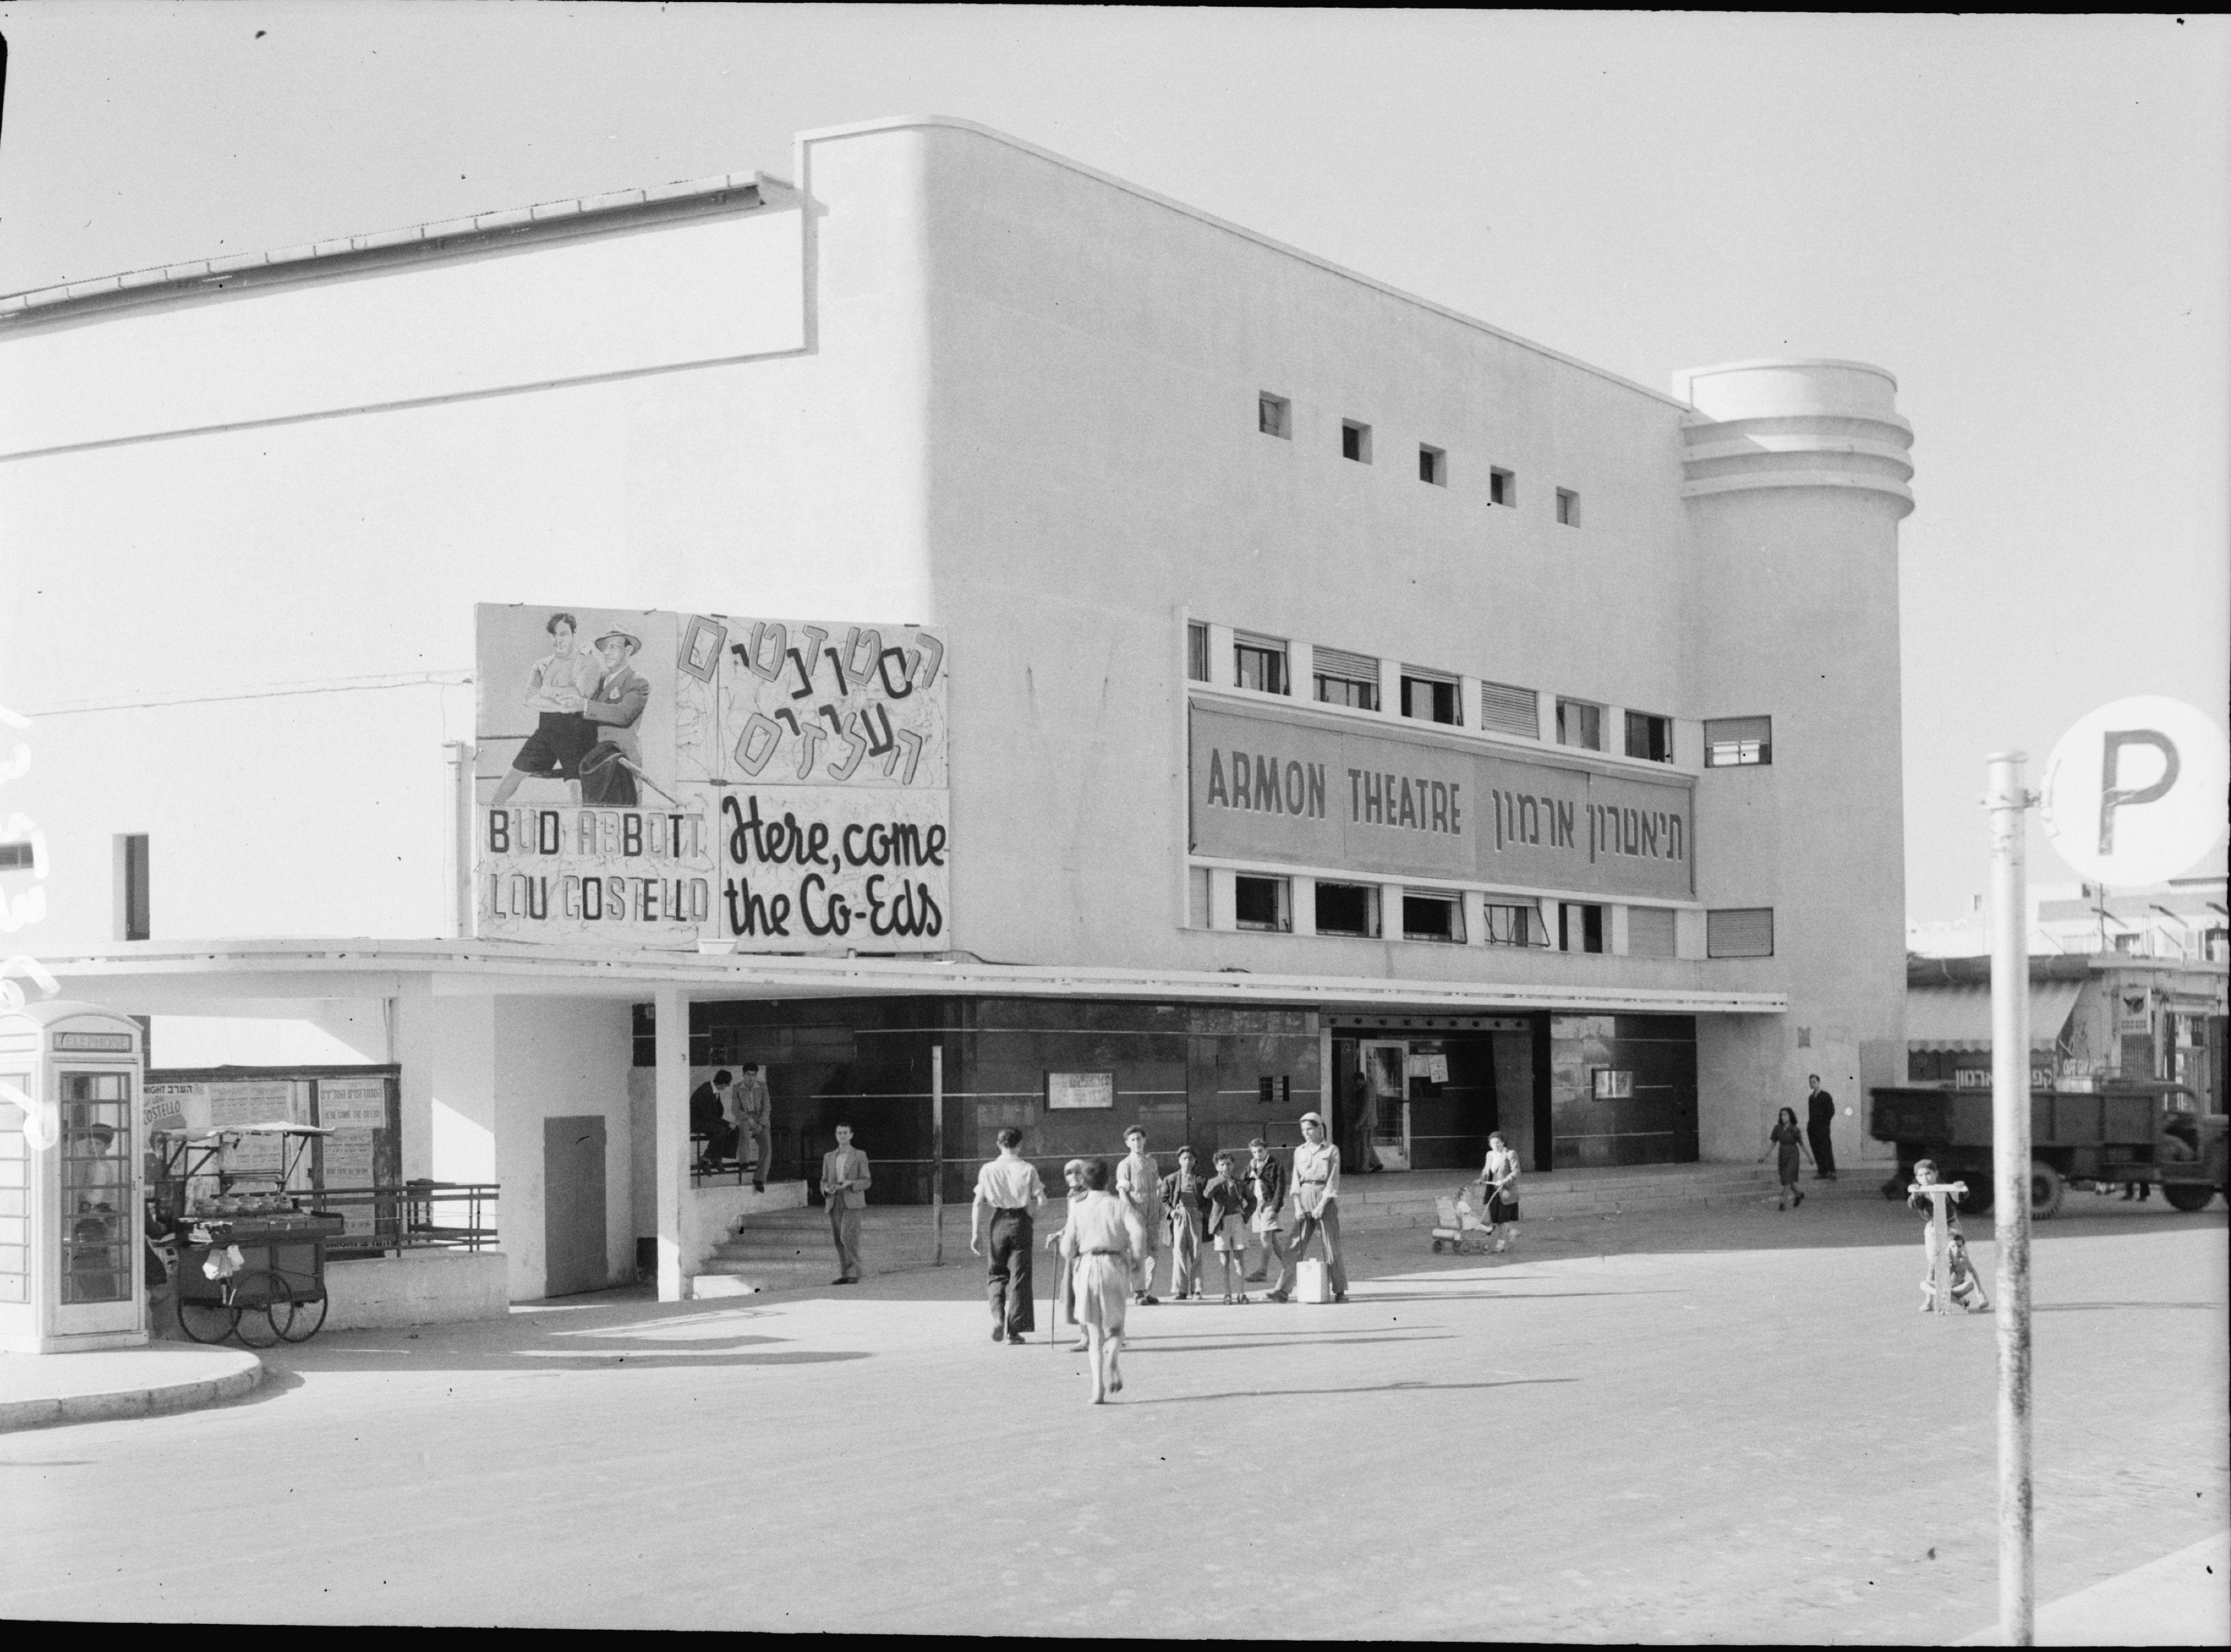 Кинотеатр Армон на улице Аневиим